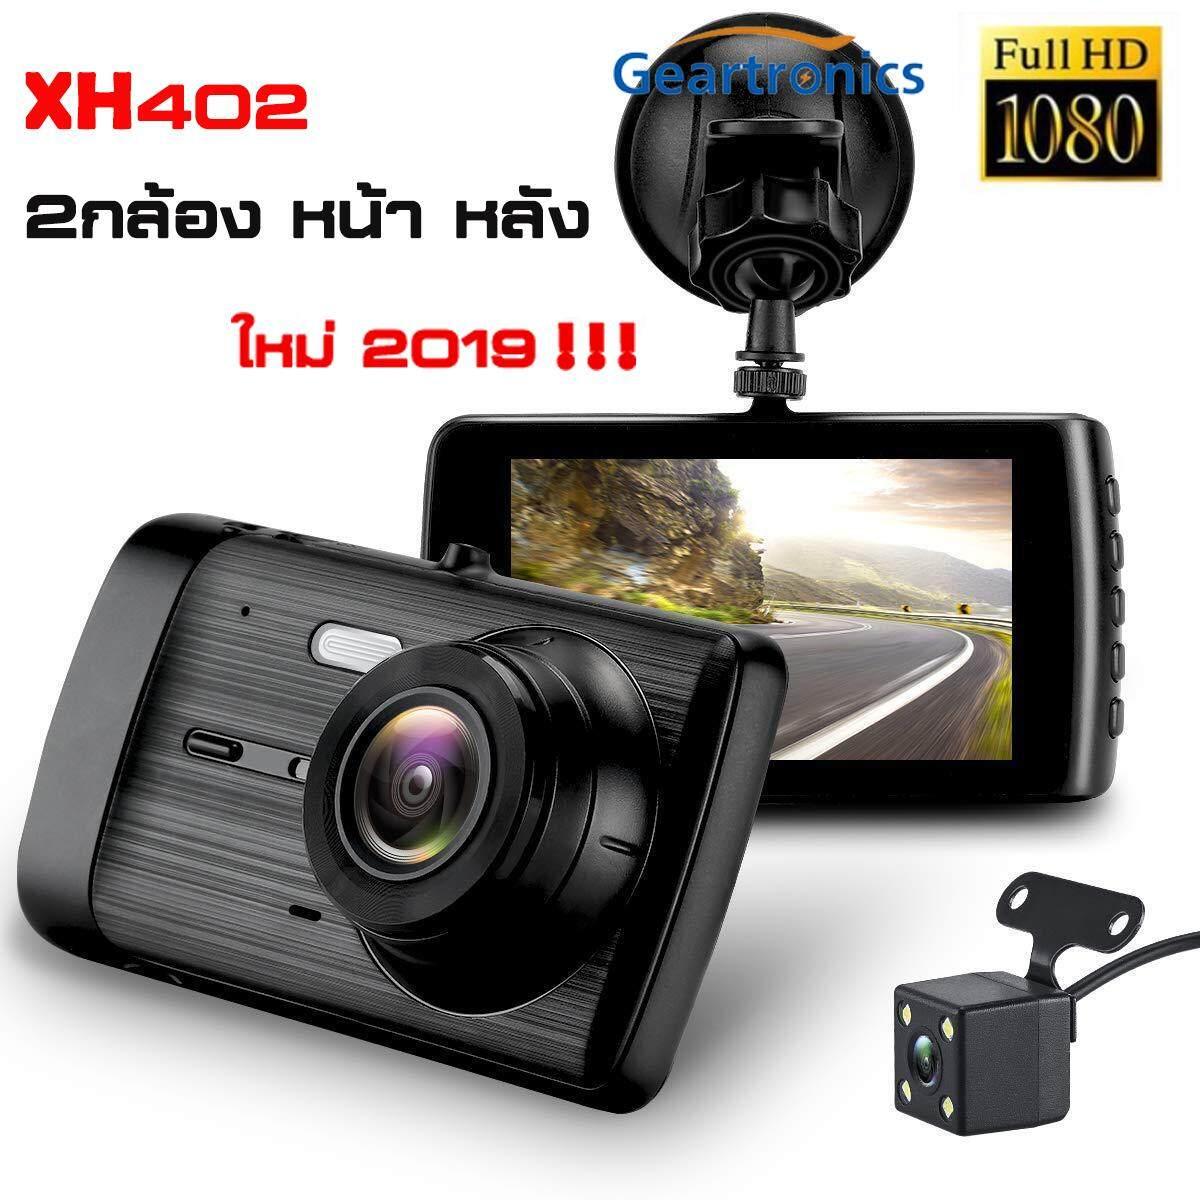 ใหม่ 2019!!! Car DVR Dash กล้องติดรถยนต์กล้องหน้า พร้อมกล้องหลัง 4.0 Inch Car DVR Camera Full HD 1080P-XH402